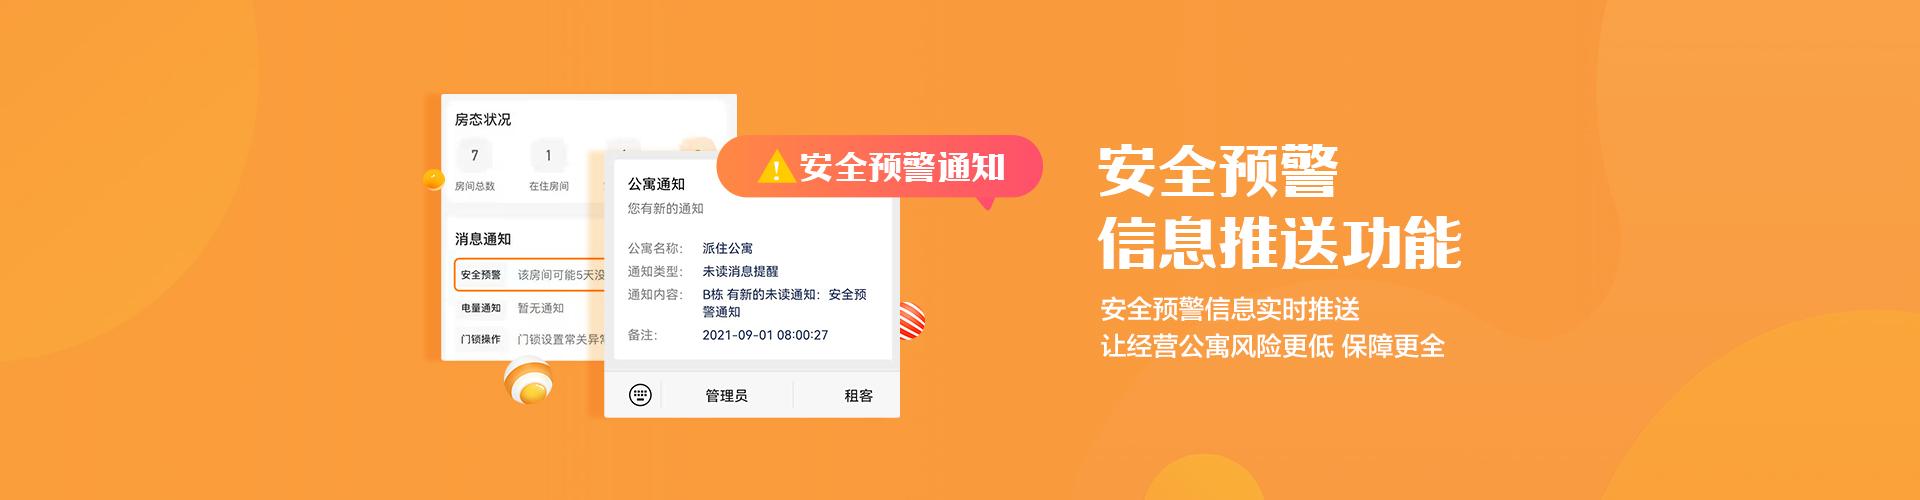 东莞市fun88体育备用智能科技有限公司